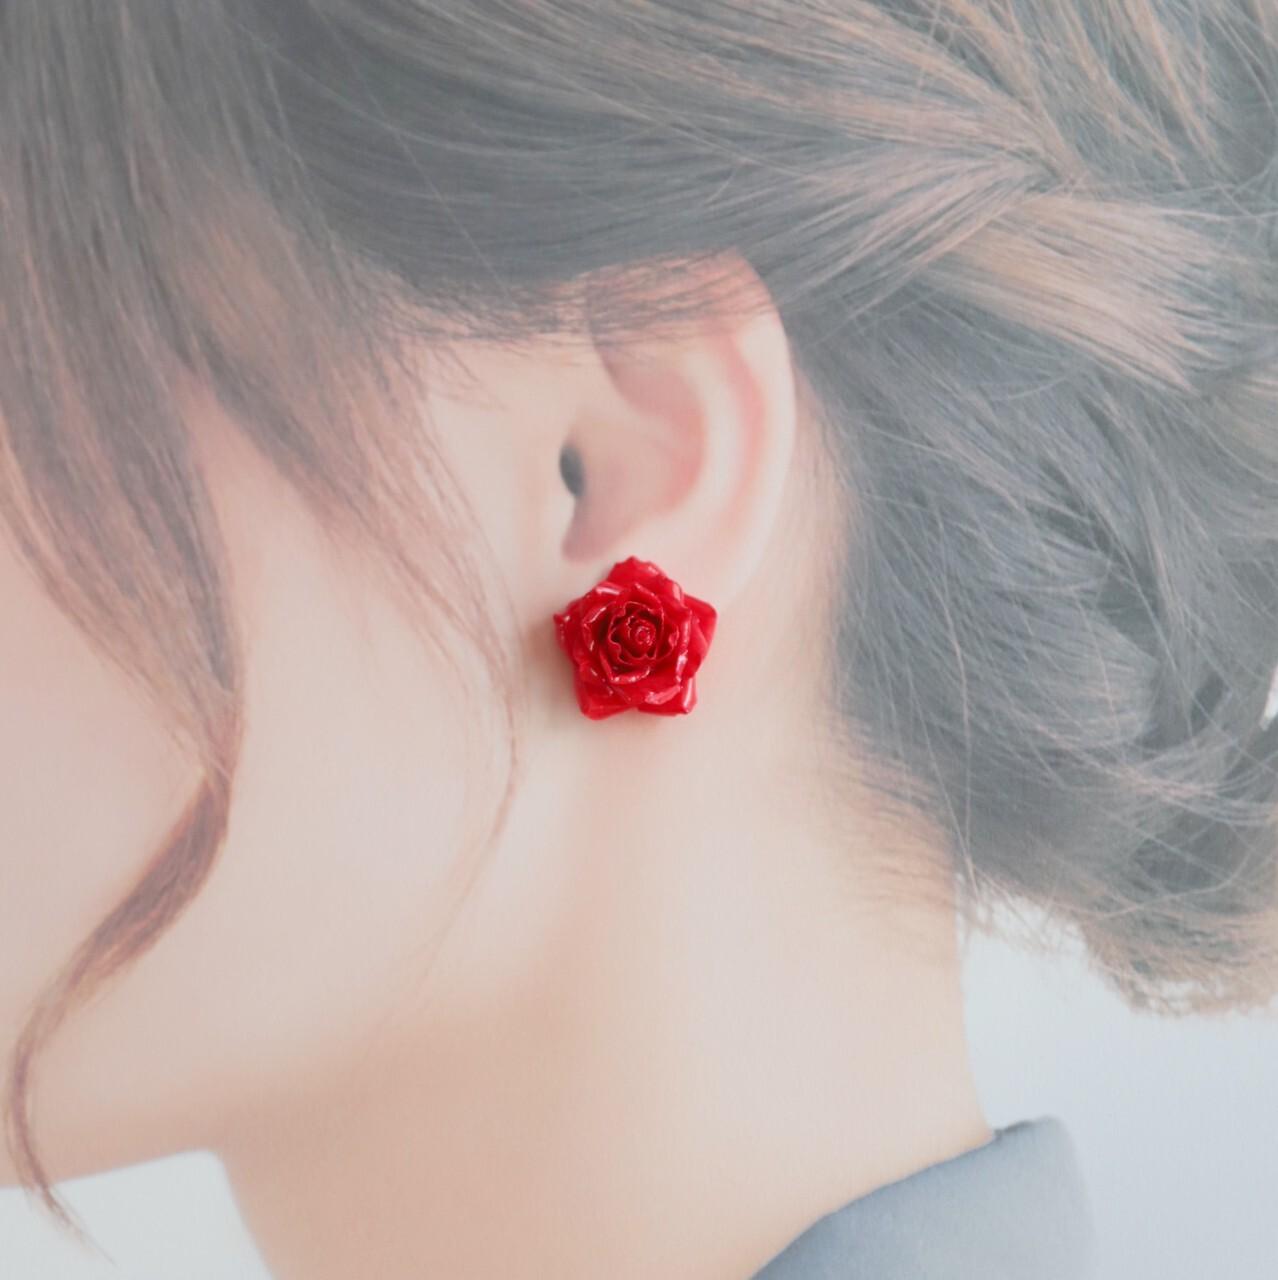 バラのイヤリング・ピアス【レッド】 バラ好きさん・小さい花・赤・プレゼント・バレンタインに